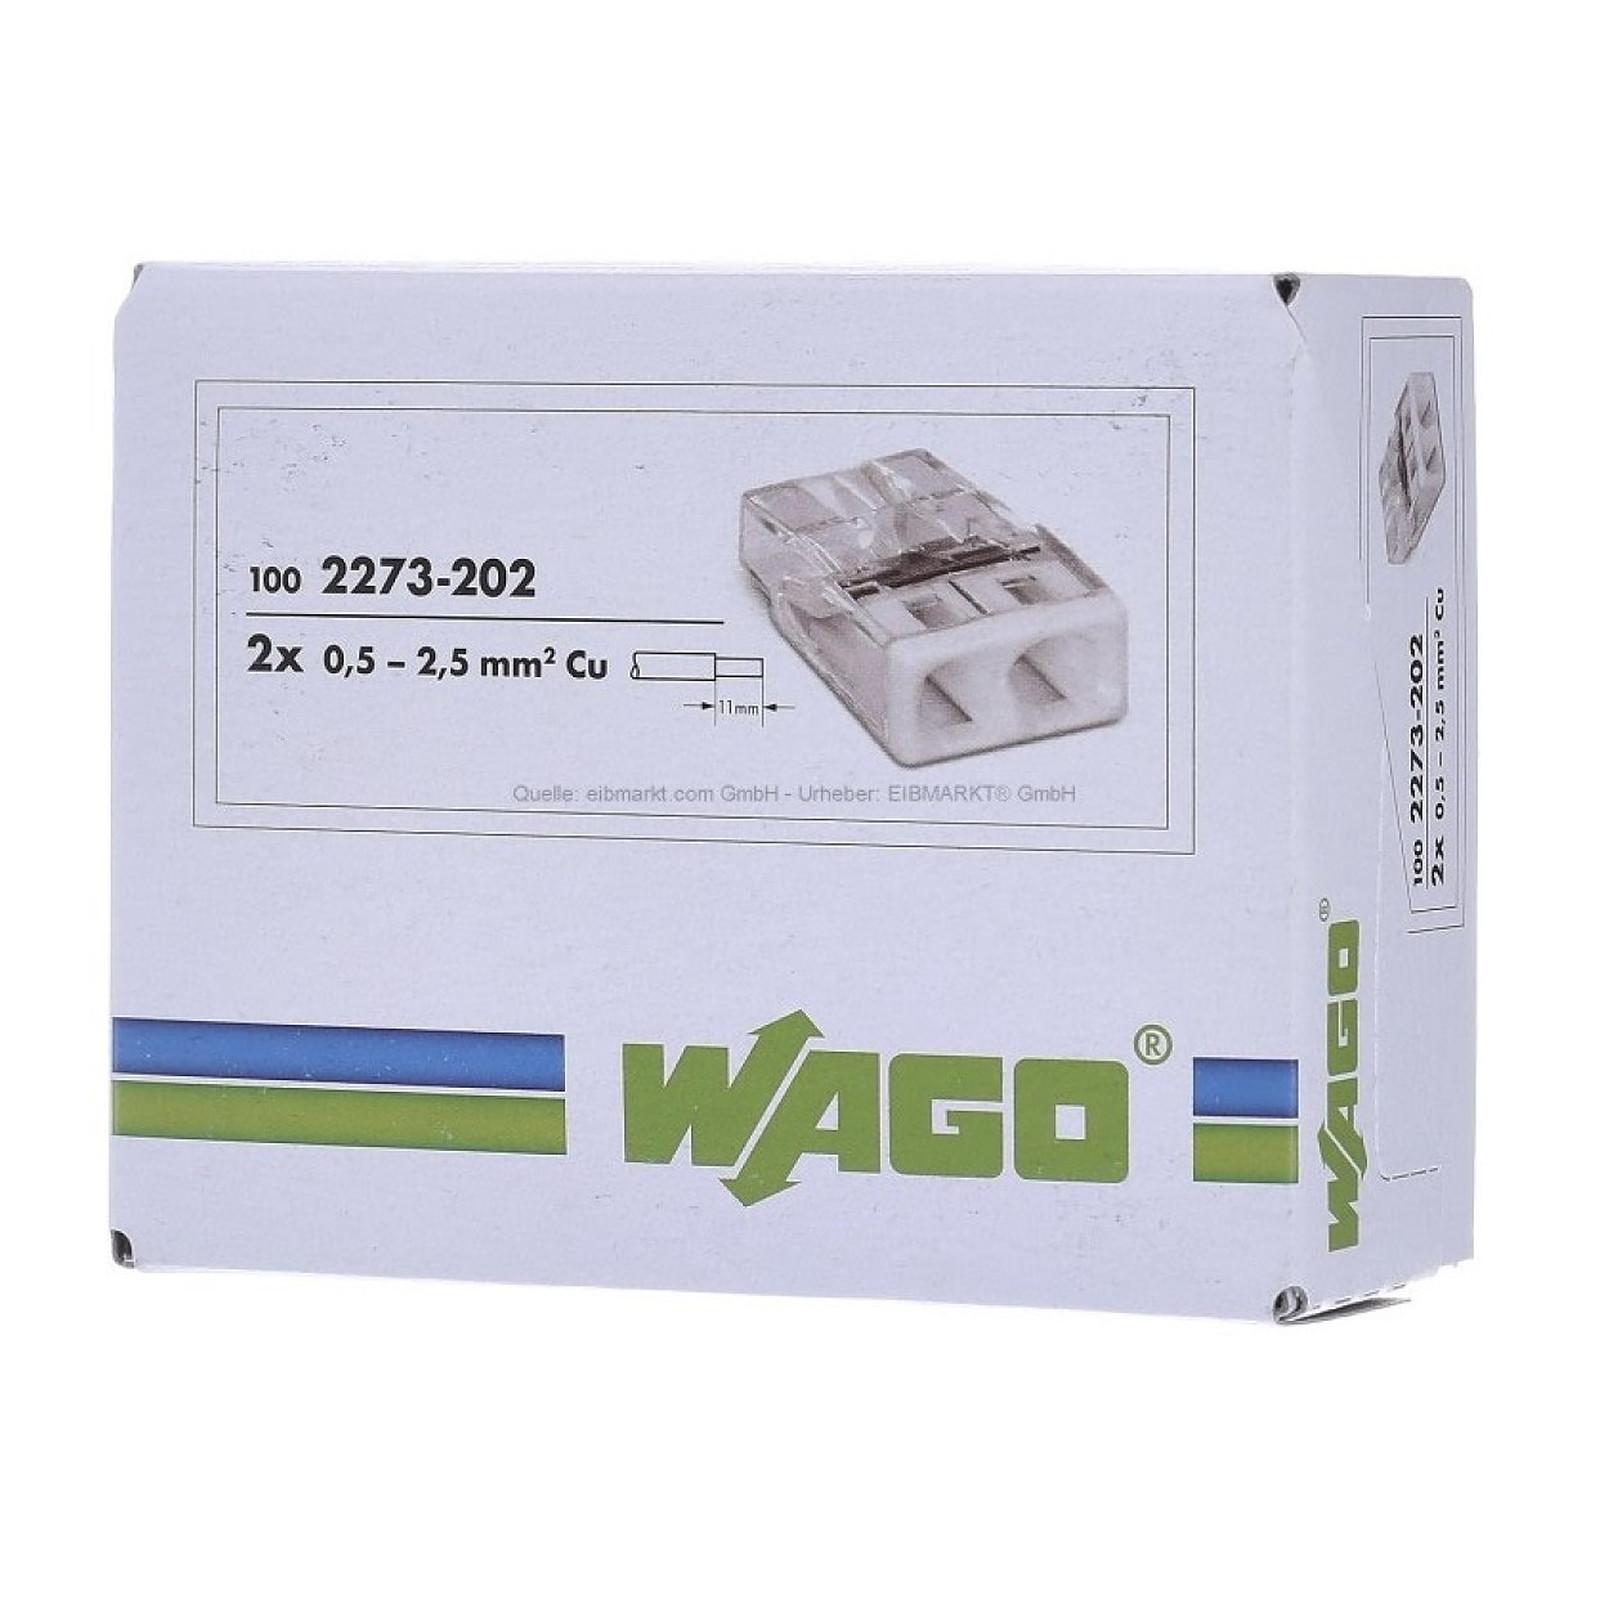 Wago Lot De 100x Connexions Automatiques 2 Bornes WAG_2273202_LOT100